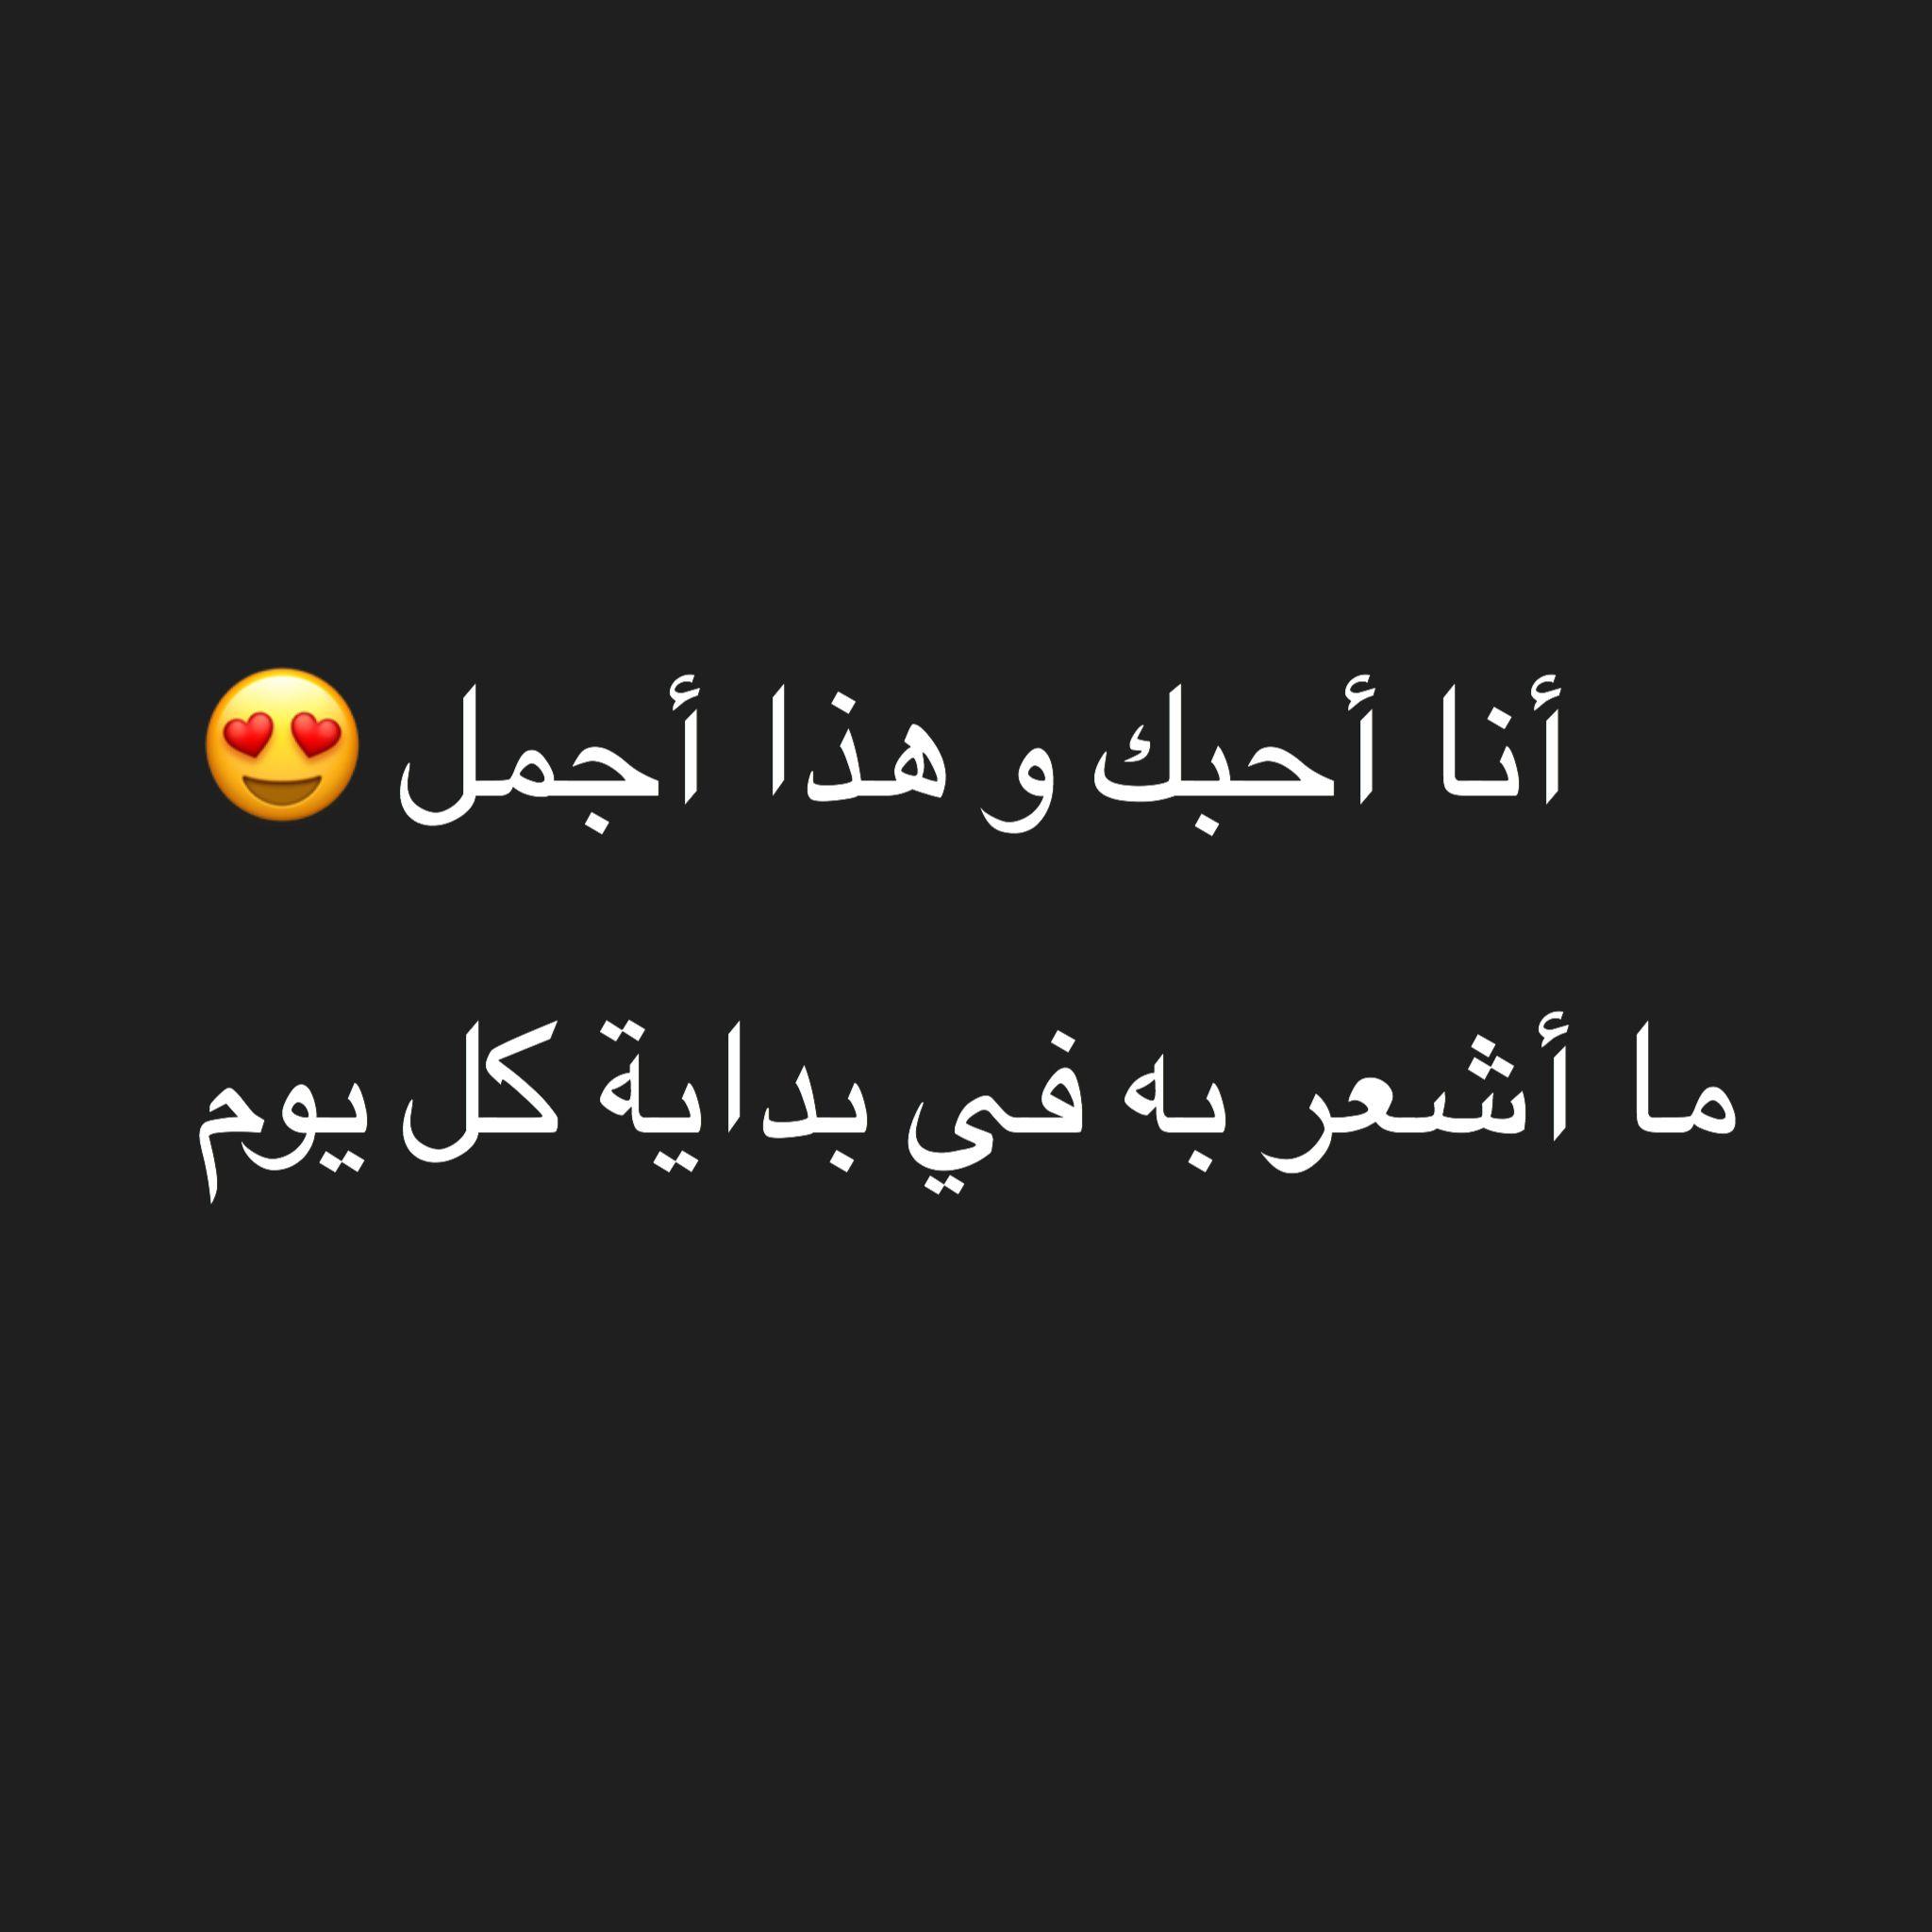 أحبك صباحا و مساءا وف ي كل حين Love Quotes Quotes Islamic Pictures